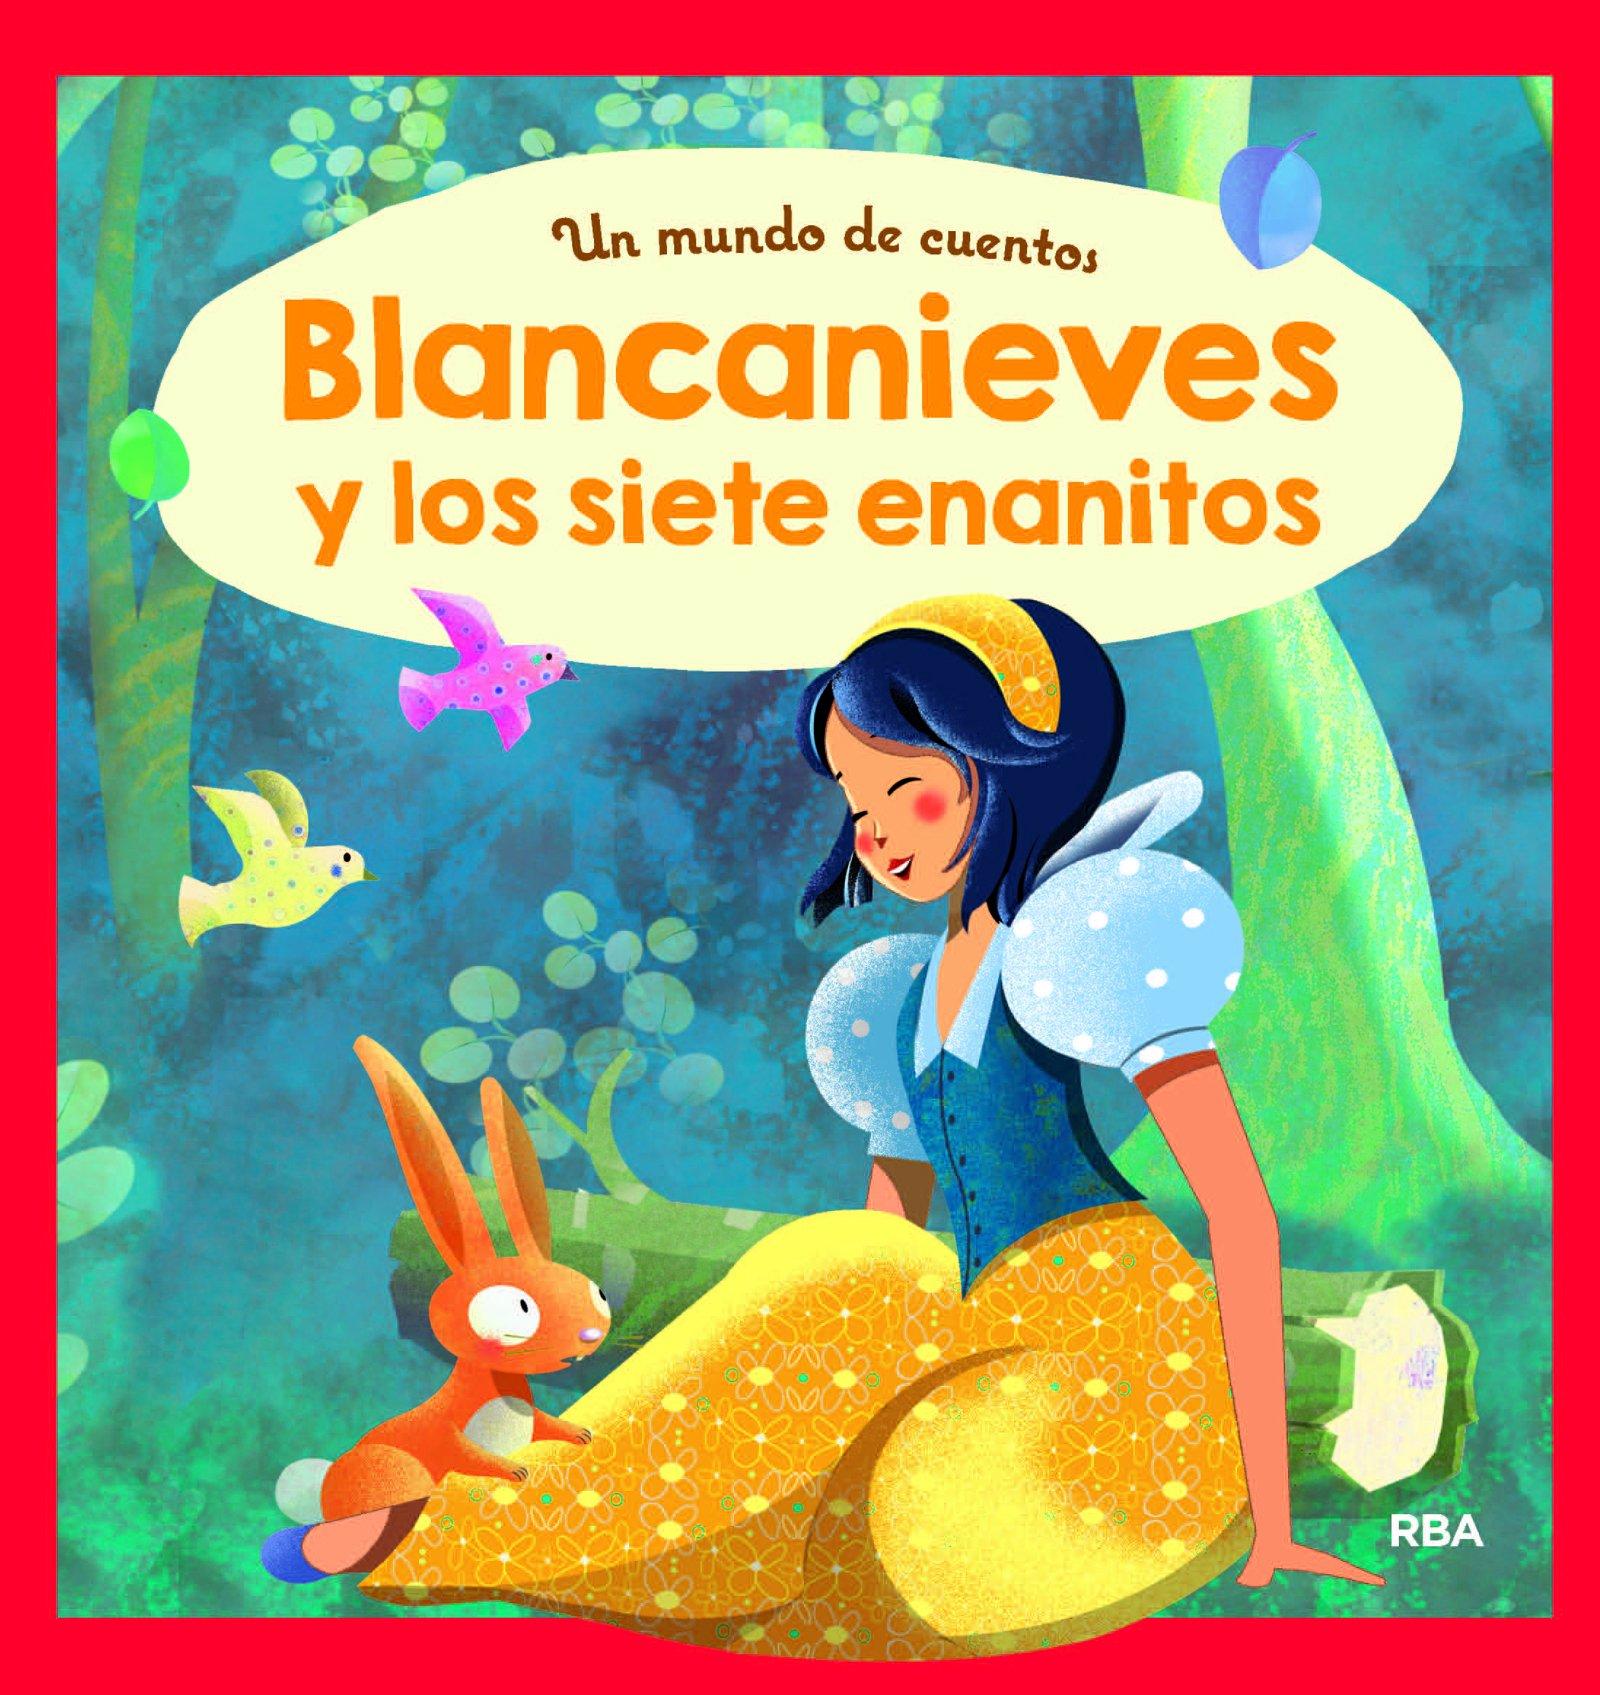 Un Mundo De Cuentos Blancanieves Y Los Siete Enanitos Cofre Encantado Spanish Edition Varios Molino Rba 9788427209305 Books